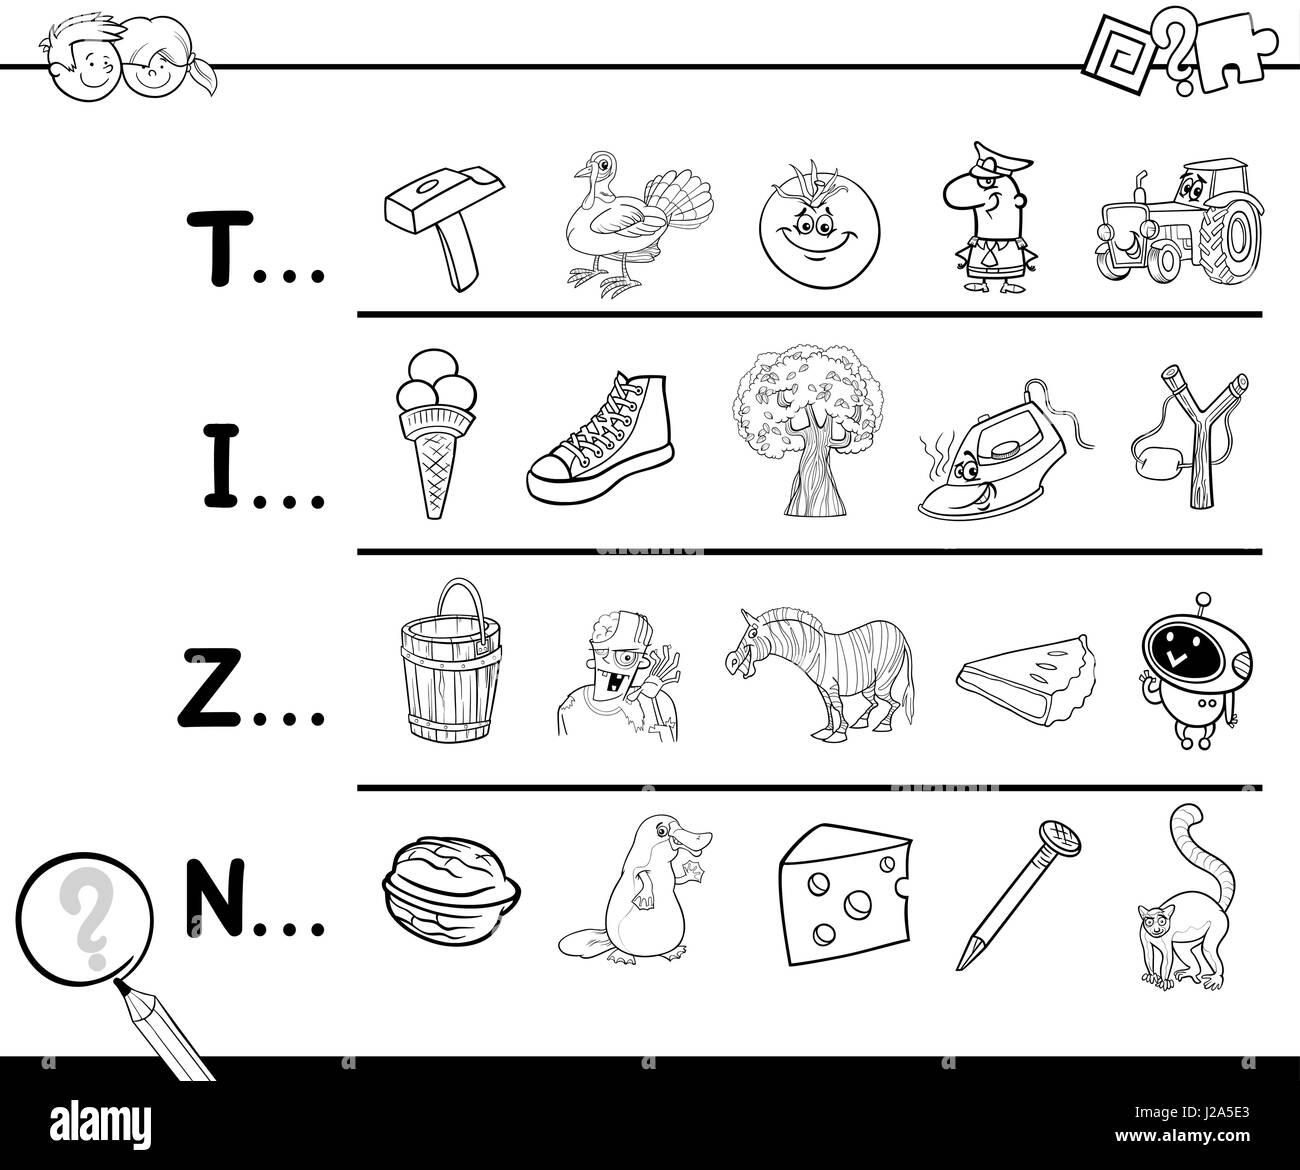 Ilustracion De Dibujos Animados De Encontrar Imagen Comenzando Con